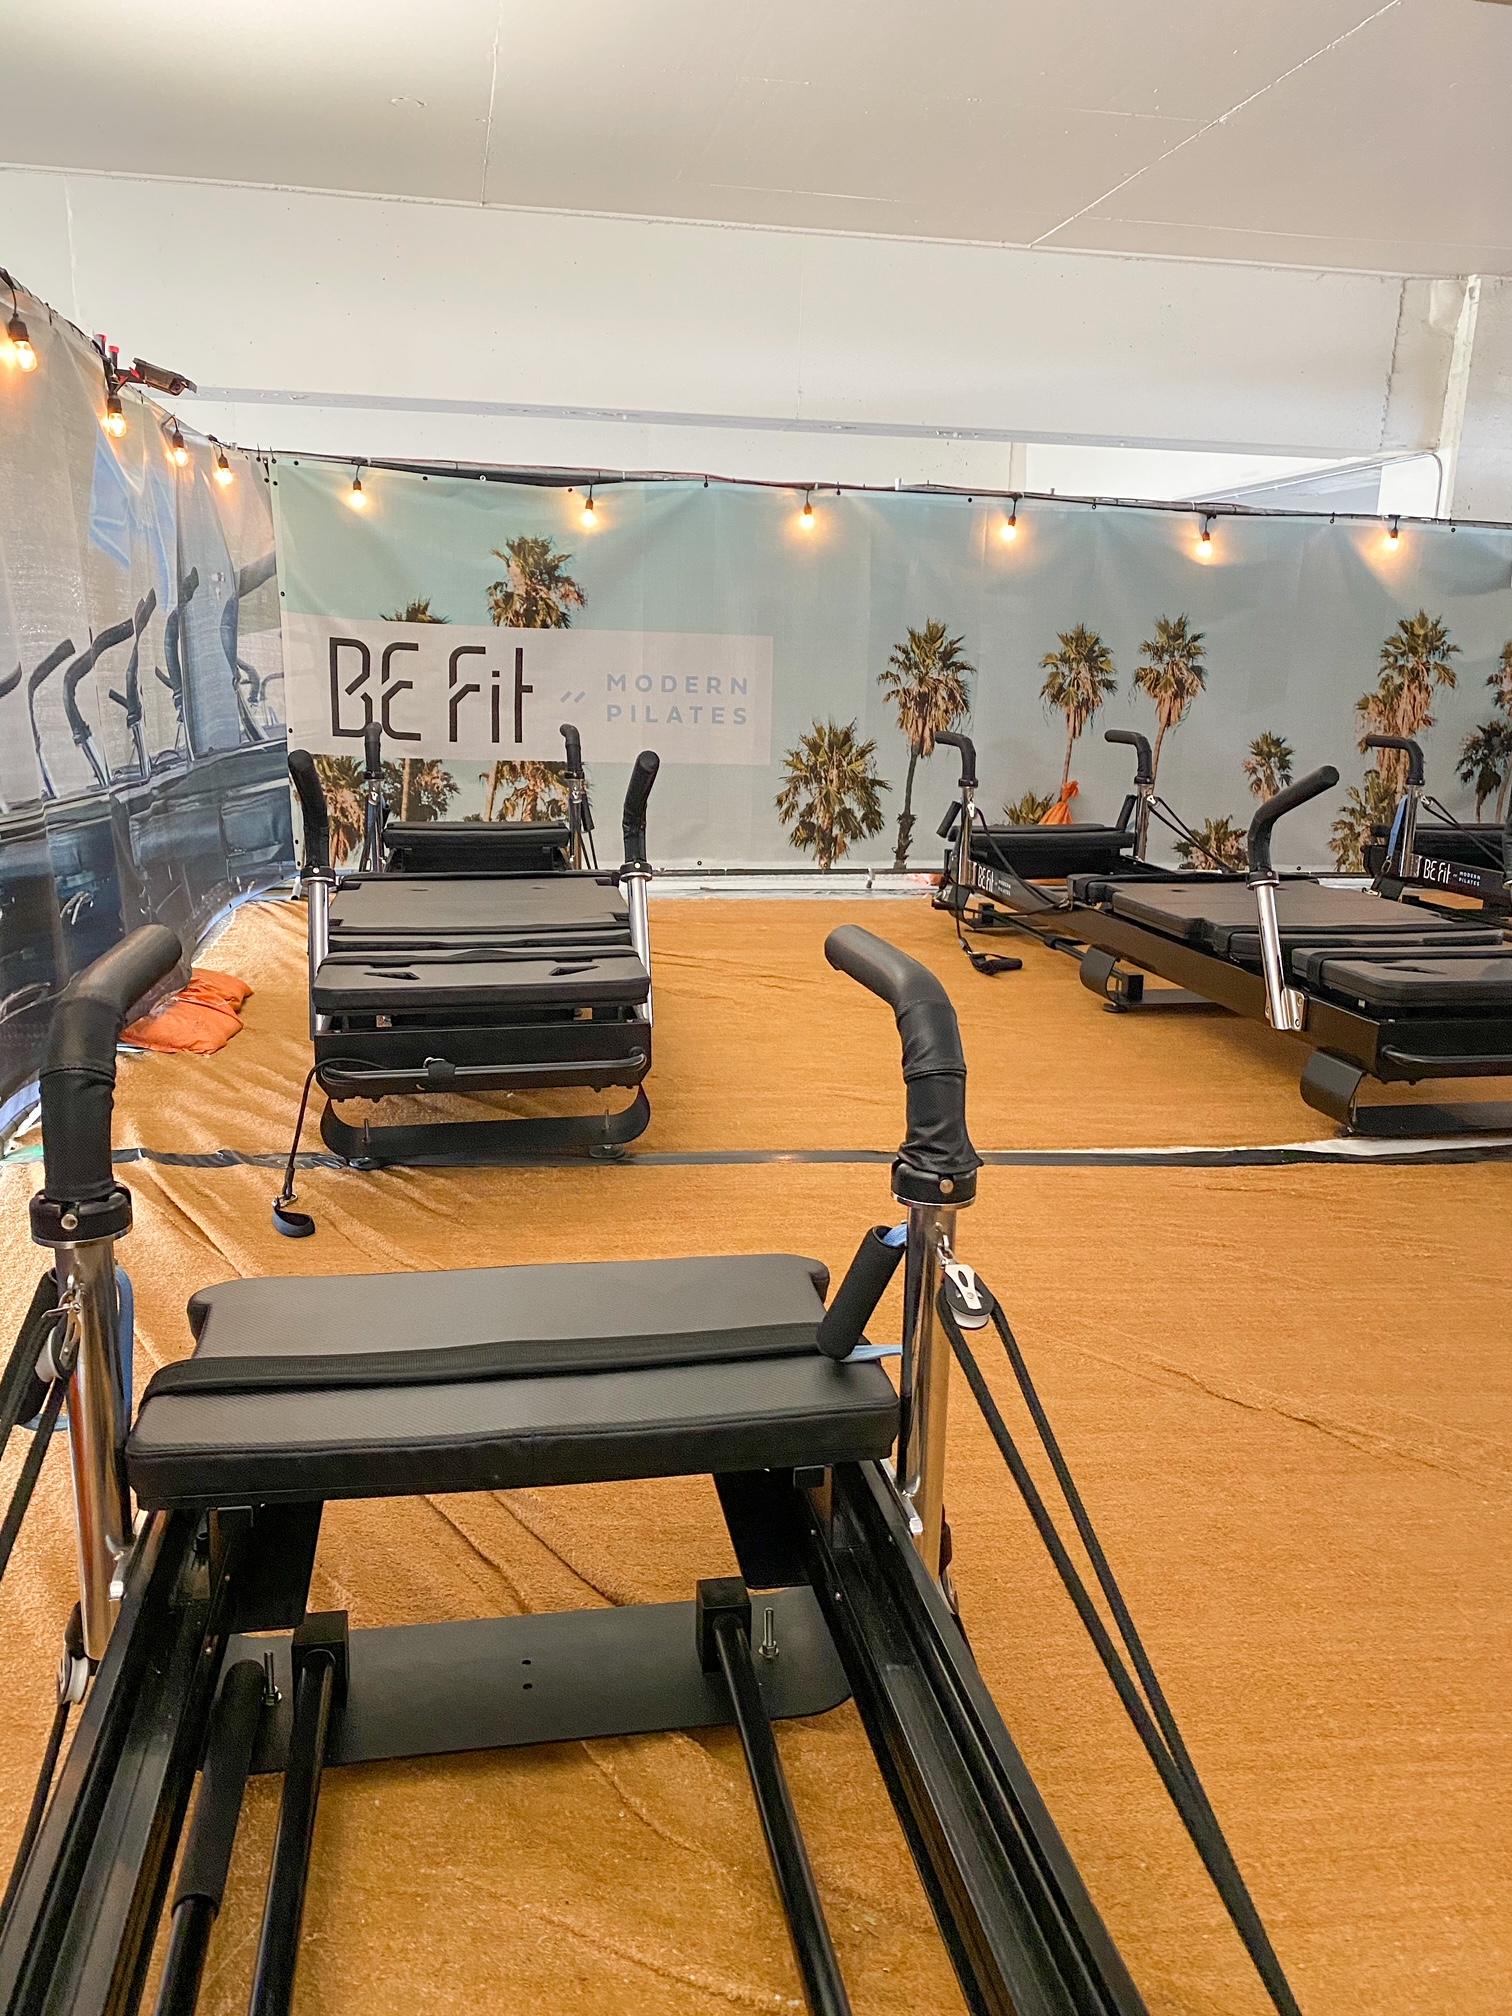 befit modern pilates - beyond casual b